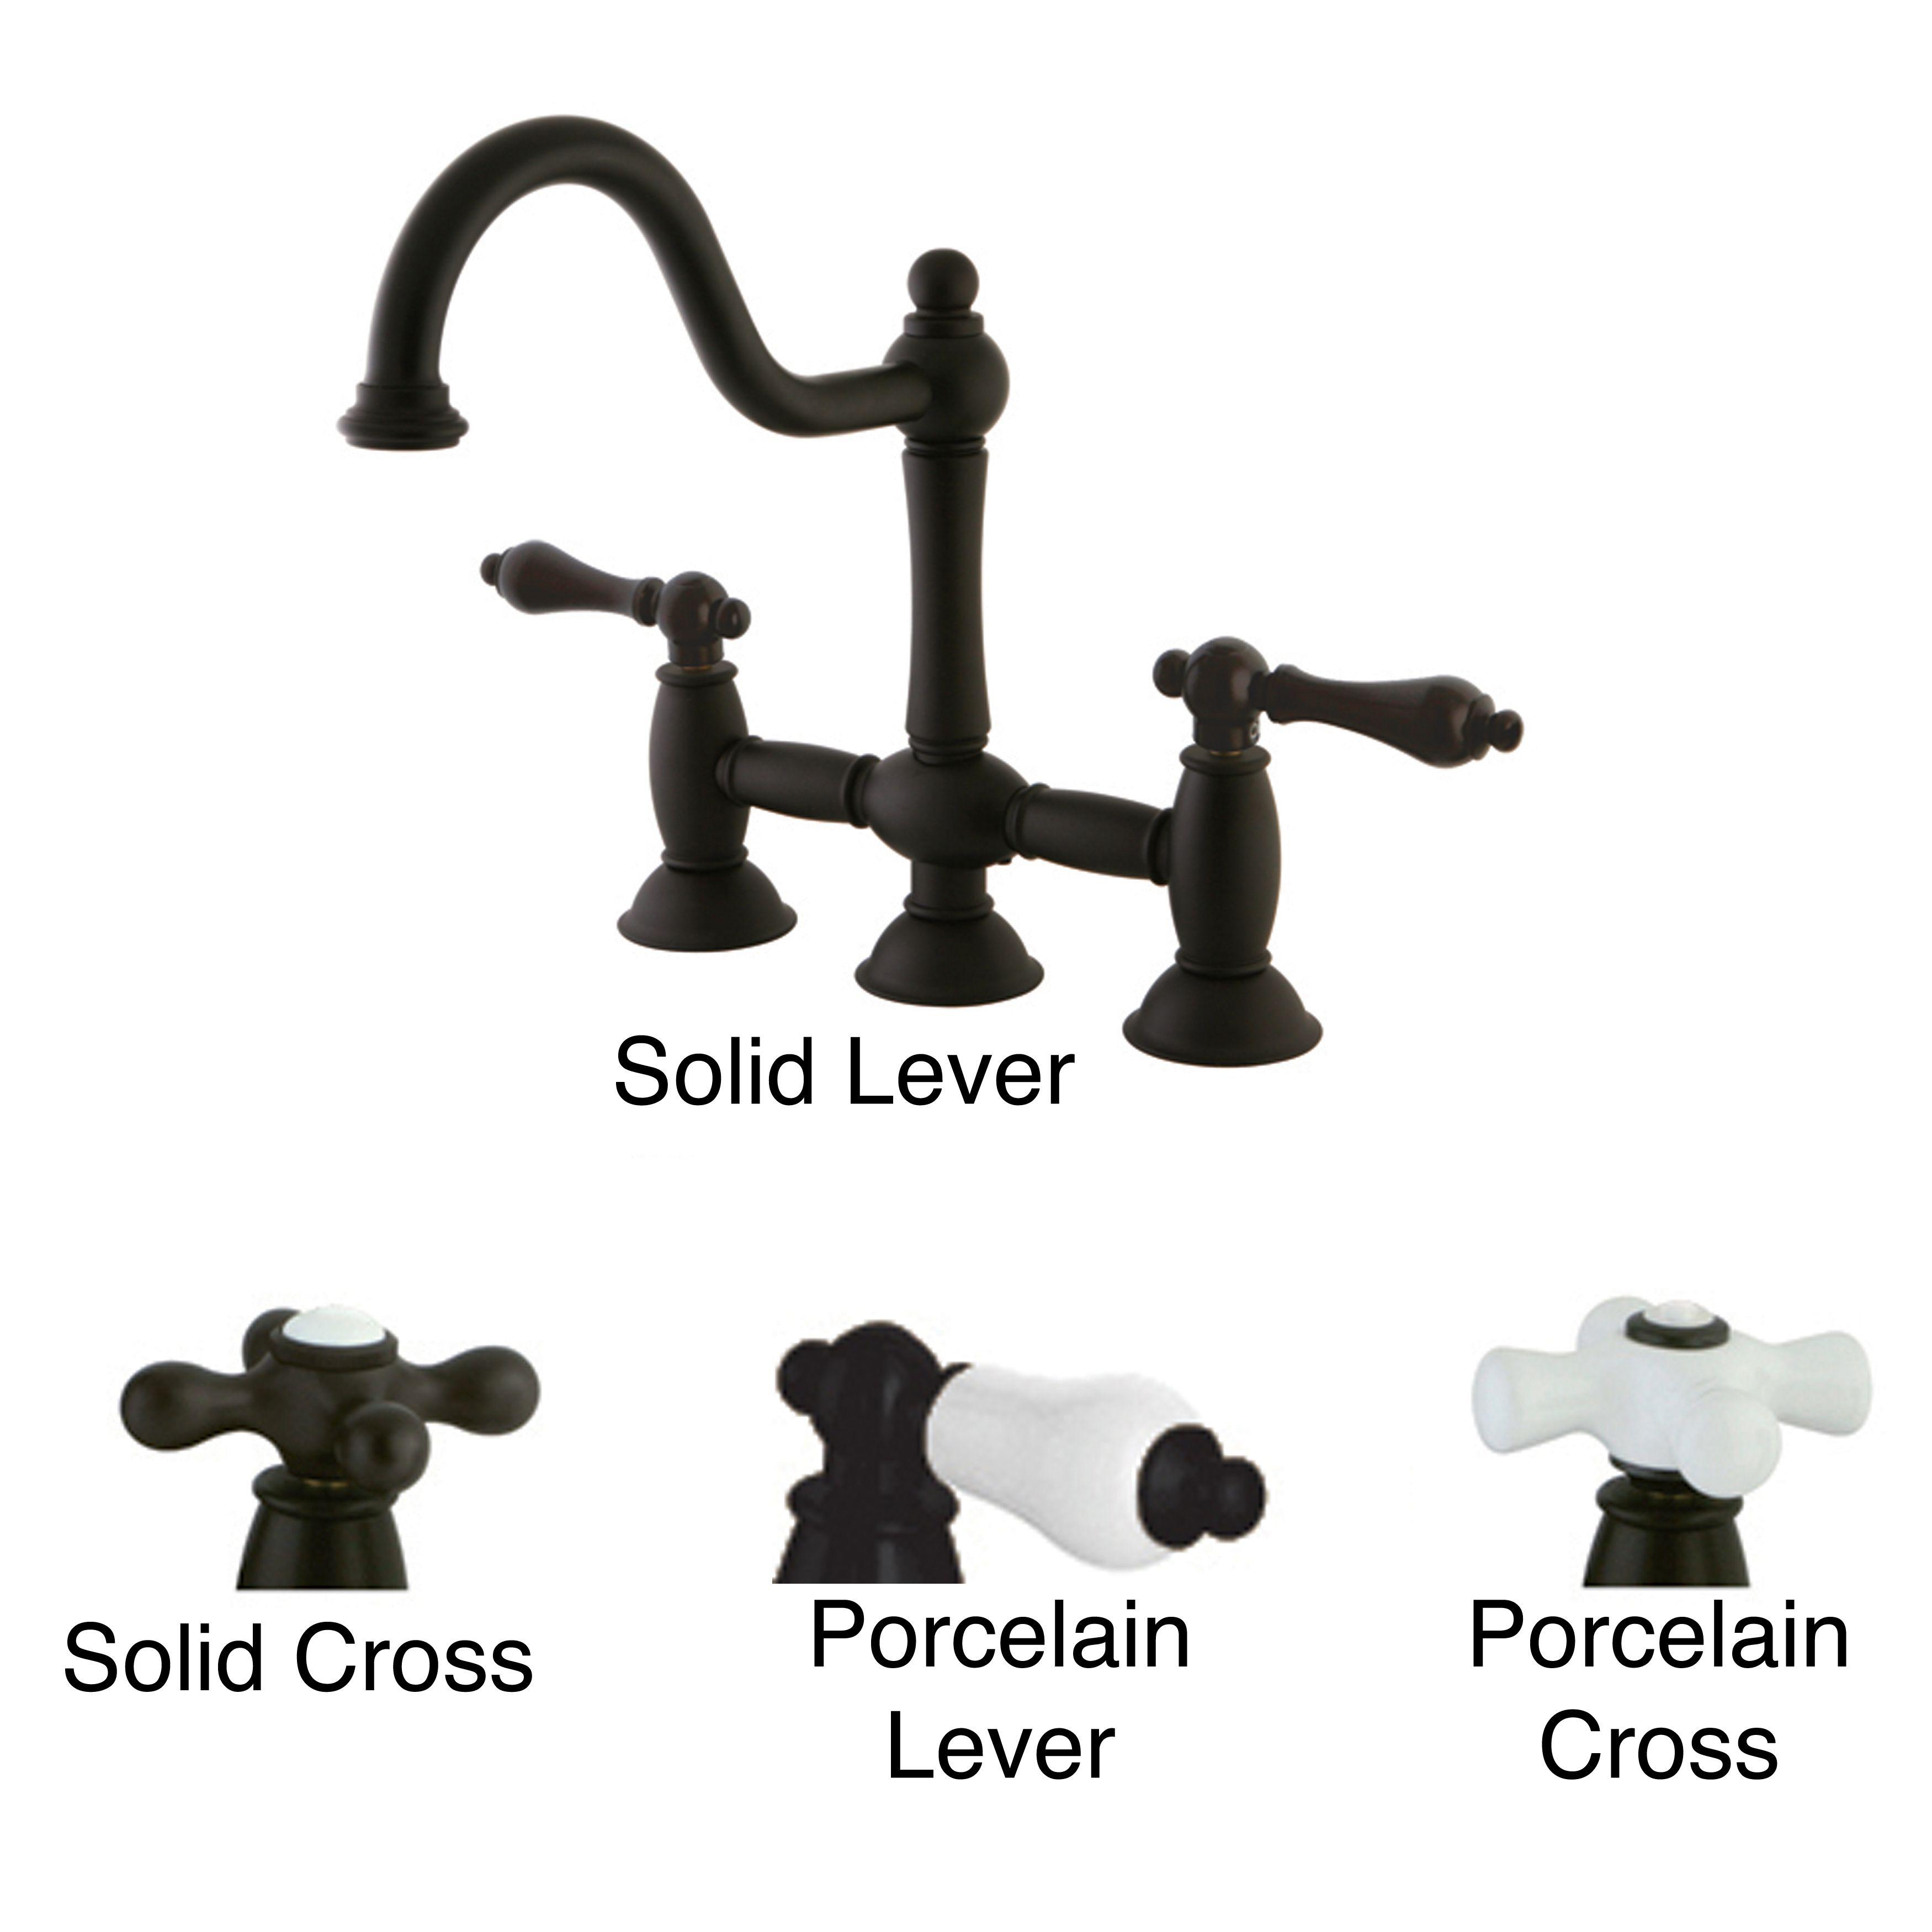 Victorian High Spout Oil Rubbed Bronze Bridge Kitchen Faucet by